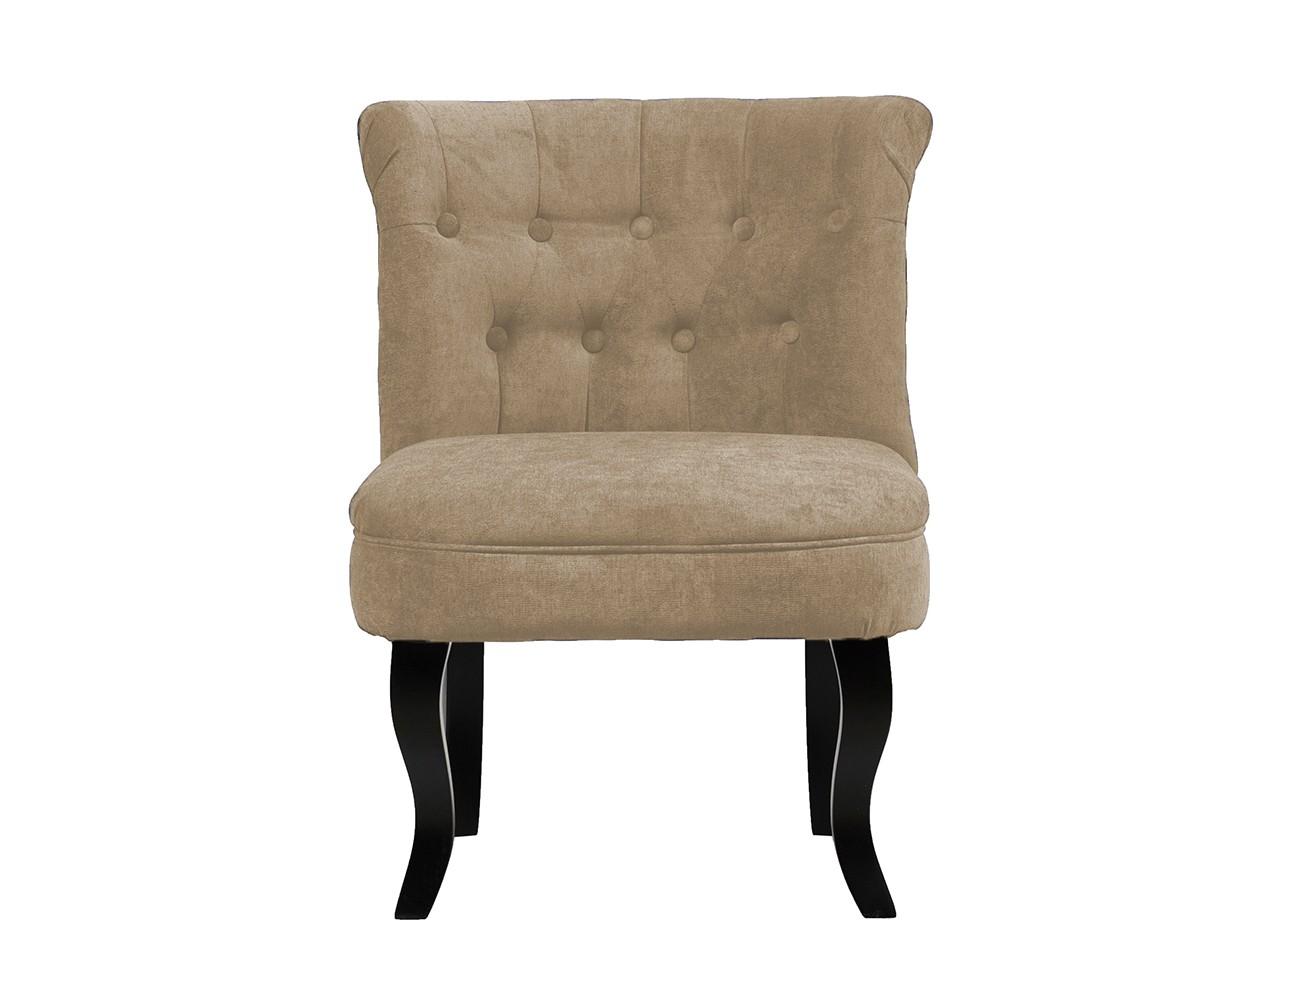 Кресло DawsonПолукресла<br>Кресло Dawson — неимоверно комфортное, удобное и красивое — выглядит так, словно вам его только что доставили из роскошного дома аристократической Франции. Богатая обивка, благородная форма деревянного каркаса самого предмета мебели, изящные ножки, нежный цвет — все говорит о его изысканности и шарме. Такое кресло непременно украсит ваш дом, добавив не только очарование и лоск, но и уют и тепло.<br><br>Material: Велюр<br>Length см: None<br>Width см: 73<br>Depth см: 63<br>Height см: 56